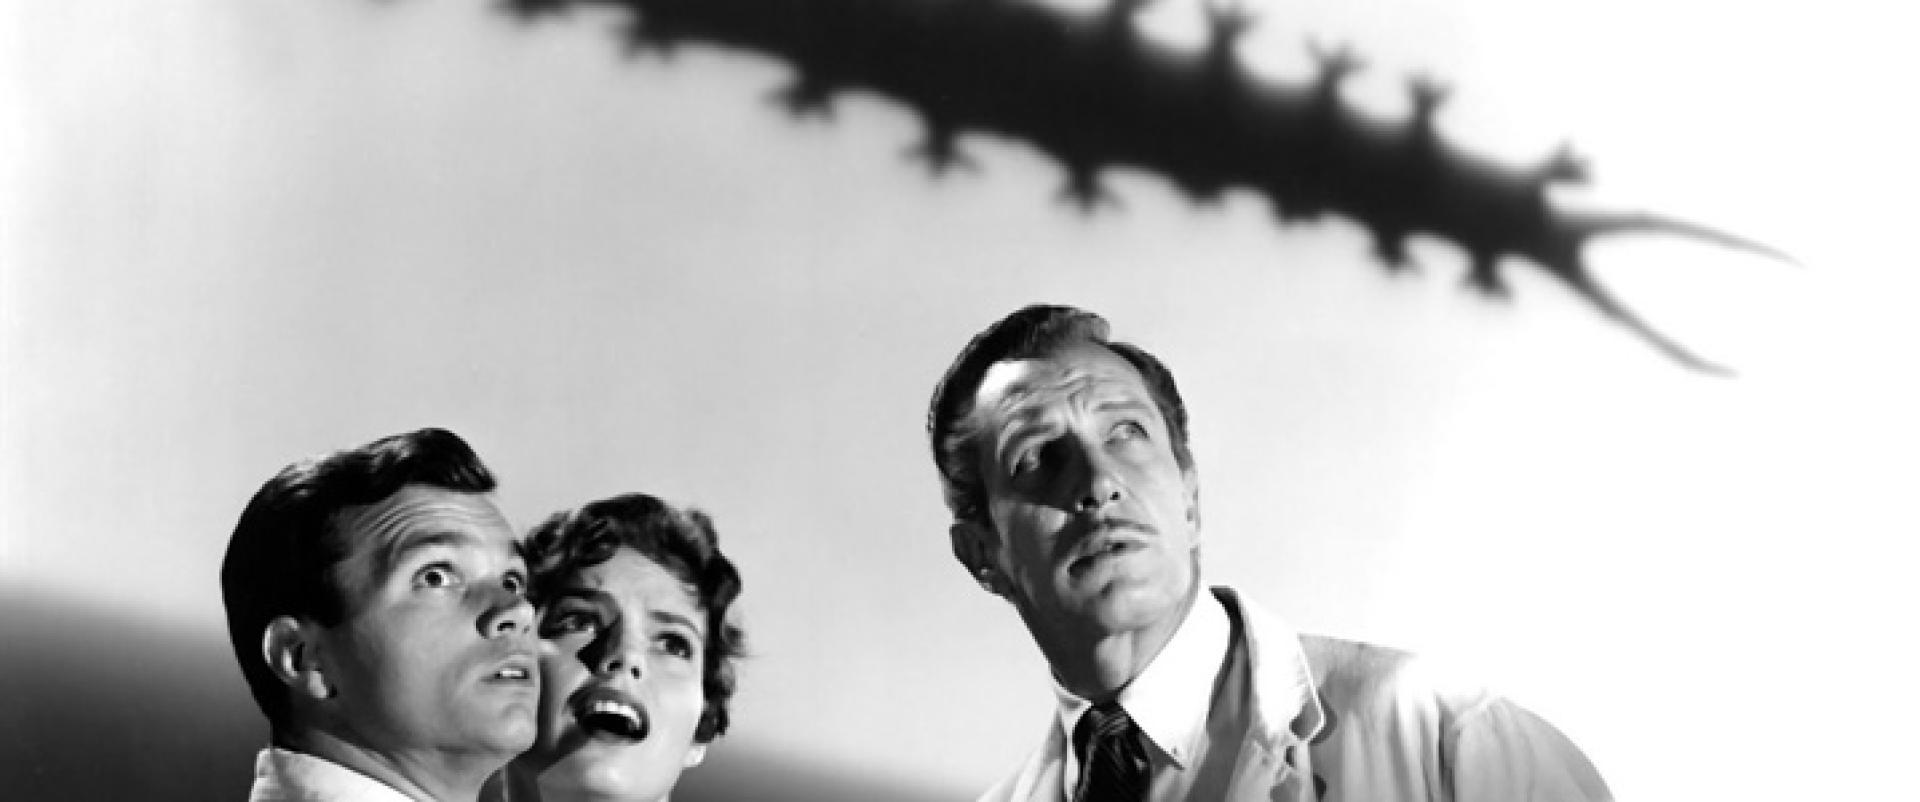 The Tingler - A bizsergető (1959)